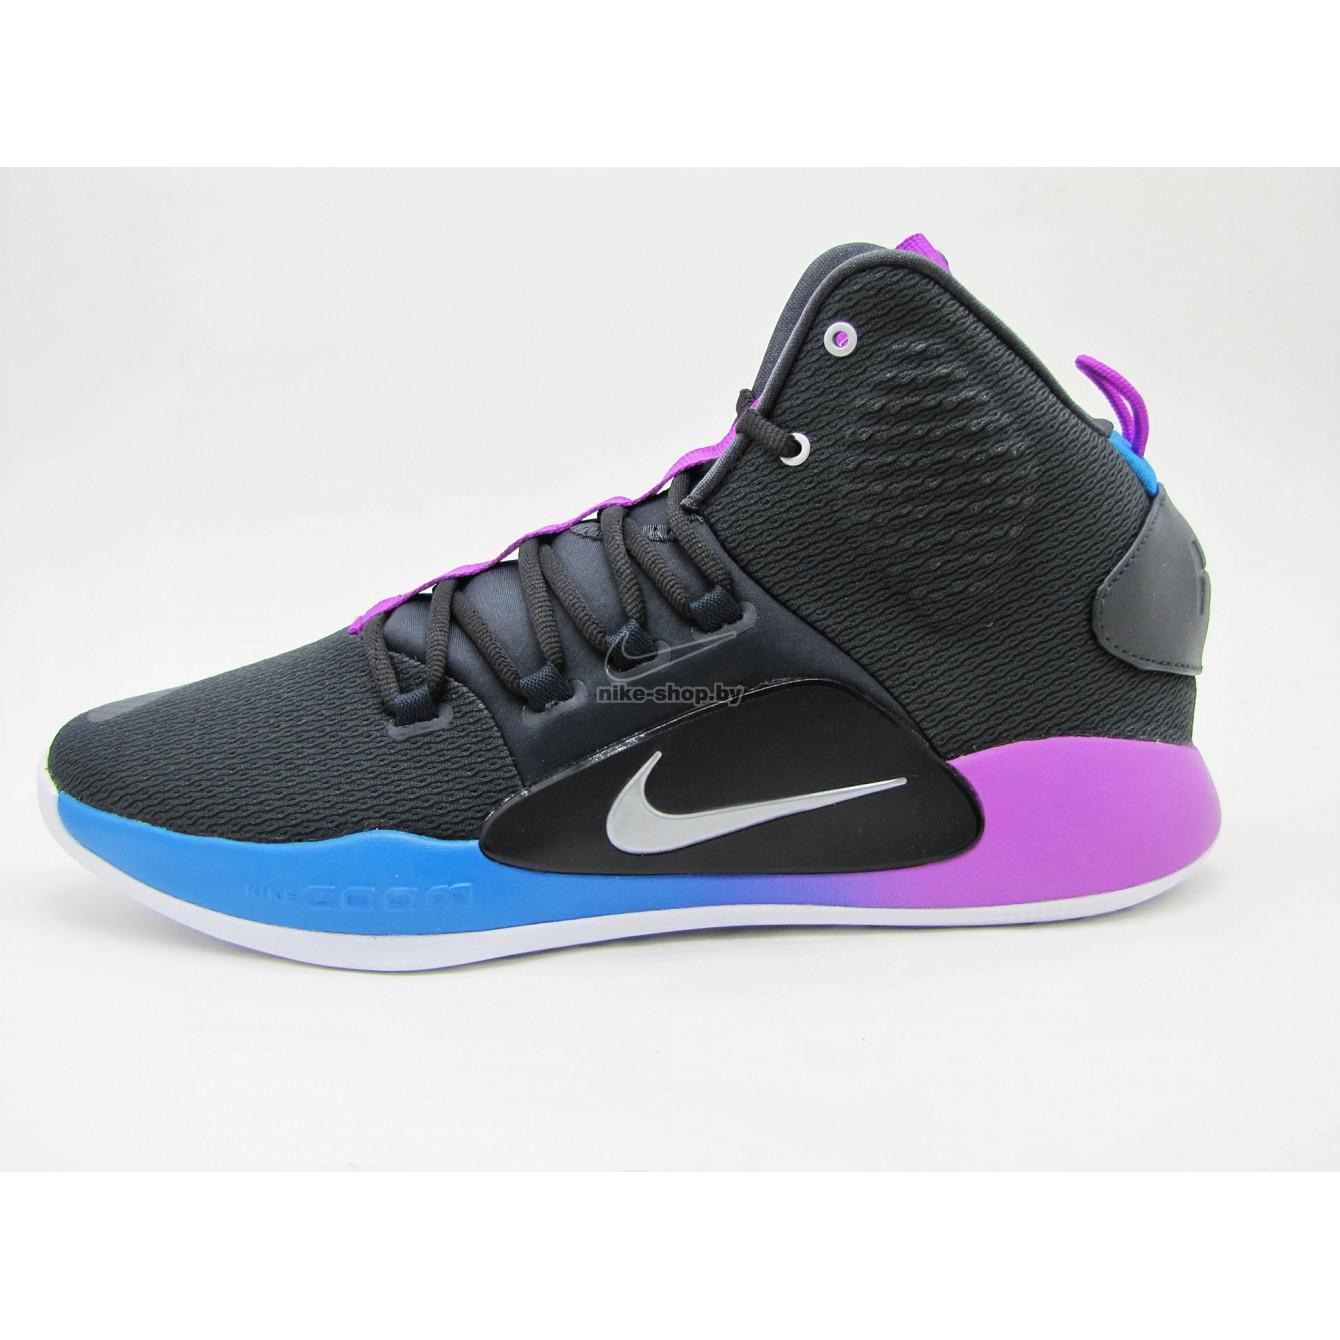 e273888e Купить Кроссовки для баскетбола NIKE HyperDunk X в интернет-магазине ...